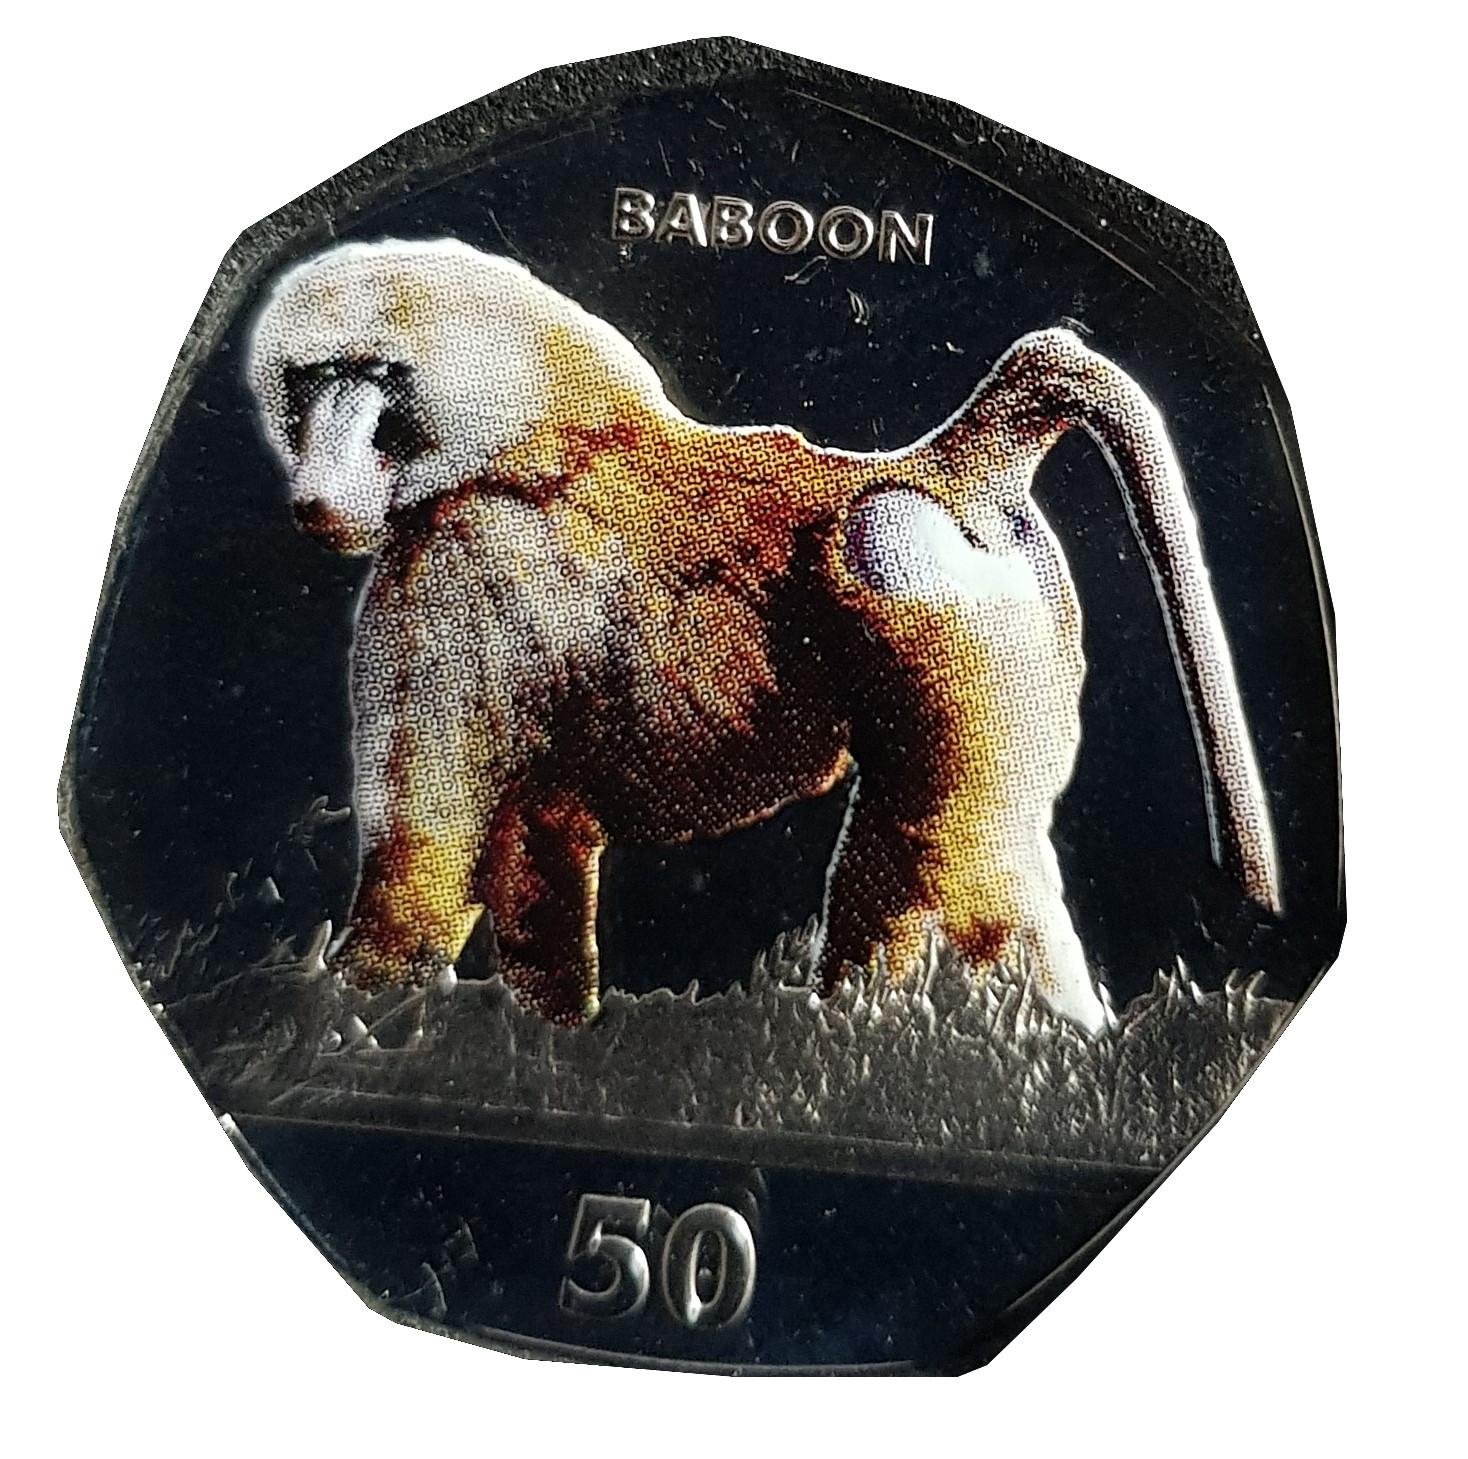 Gibraltar Primates 50p Coin Series 2018 Collectors Album